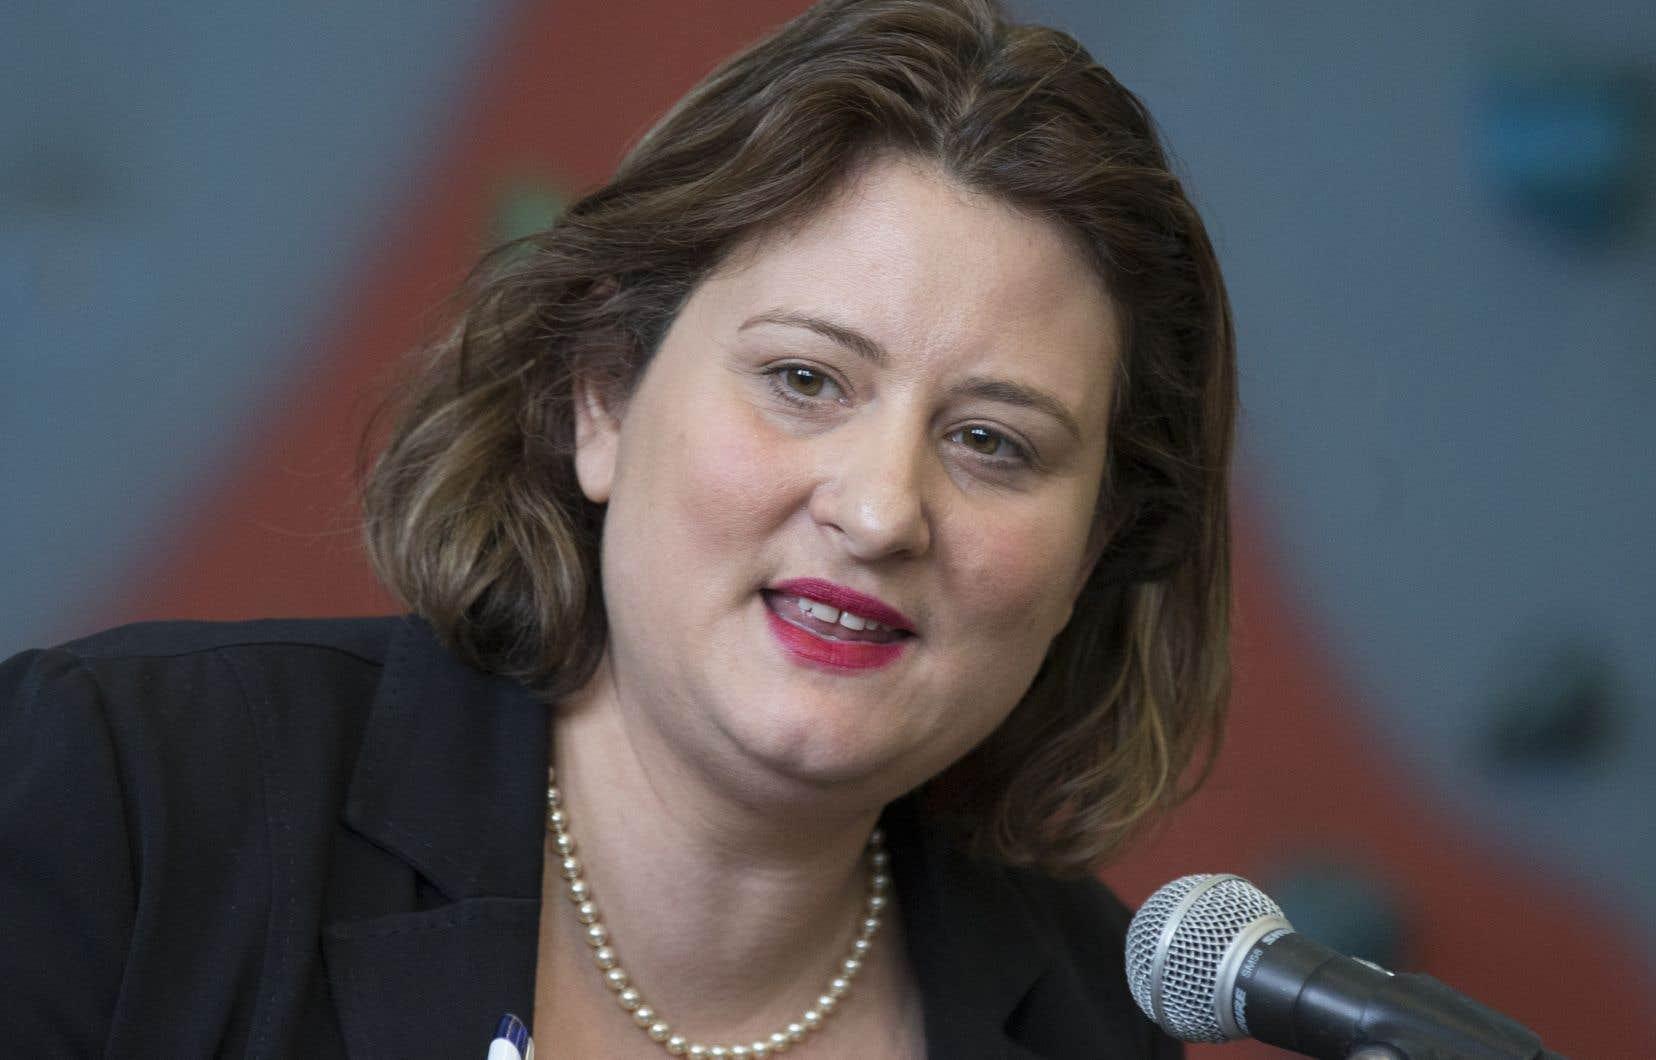 Laprésidente de la Commission scolaire de Montréal, Catherine Harel-Bourdon